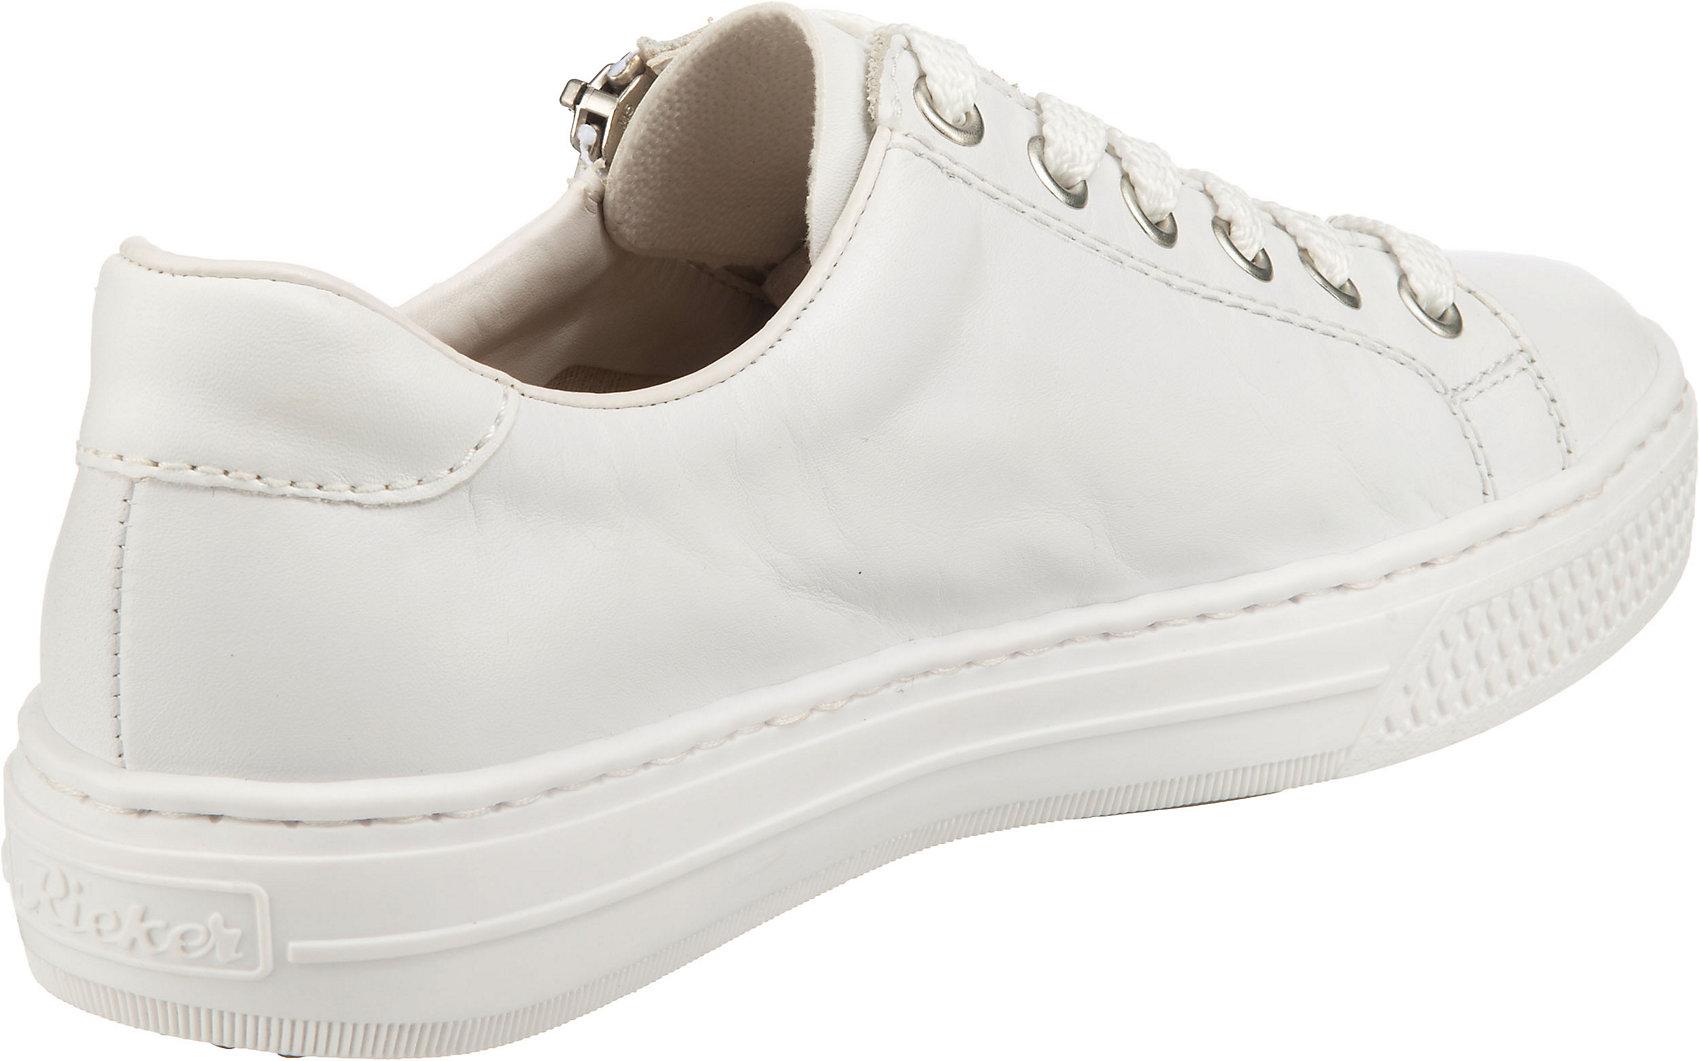 Indexbild 11 - Neu rieker Sneakers Low 17444045 für Damen weiß